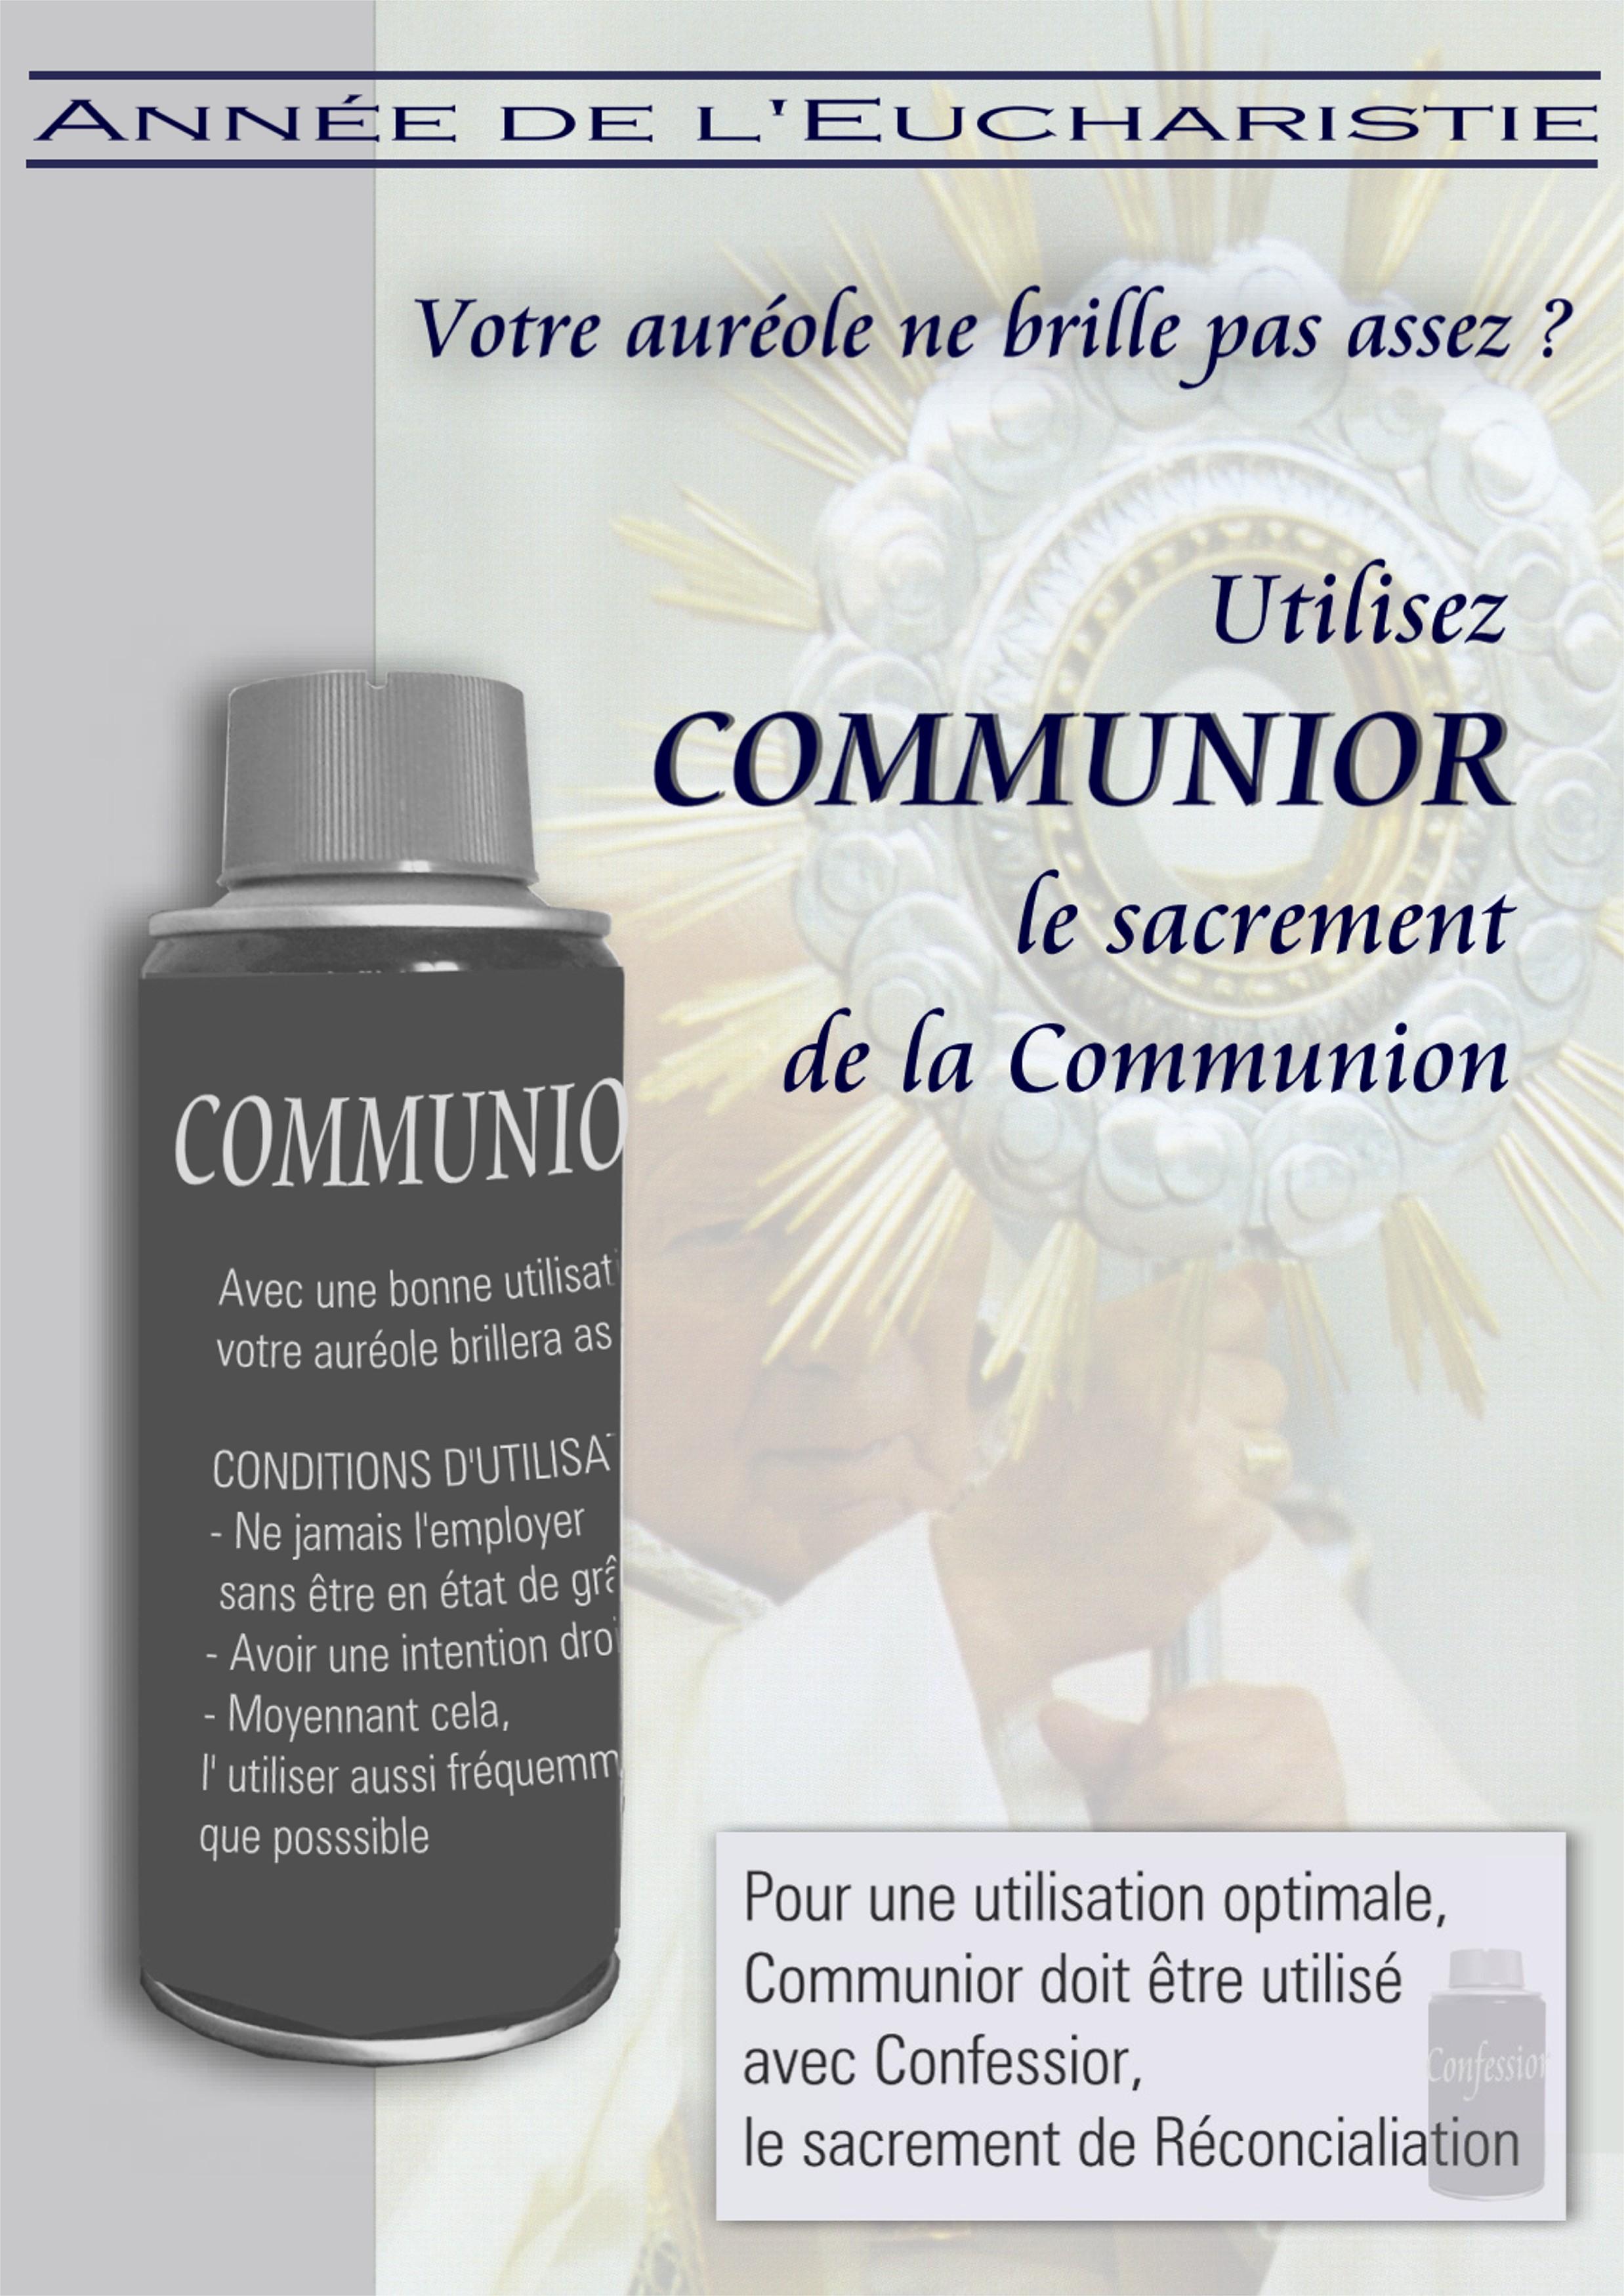 communior2.jpg